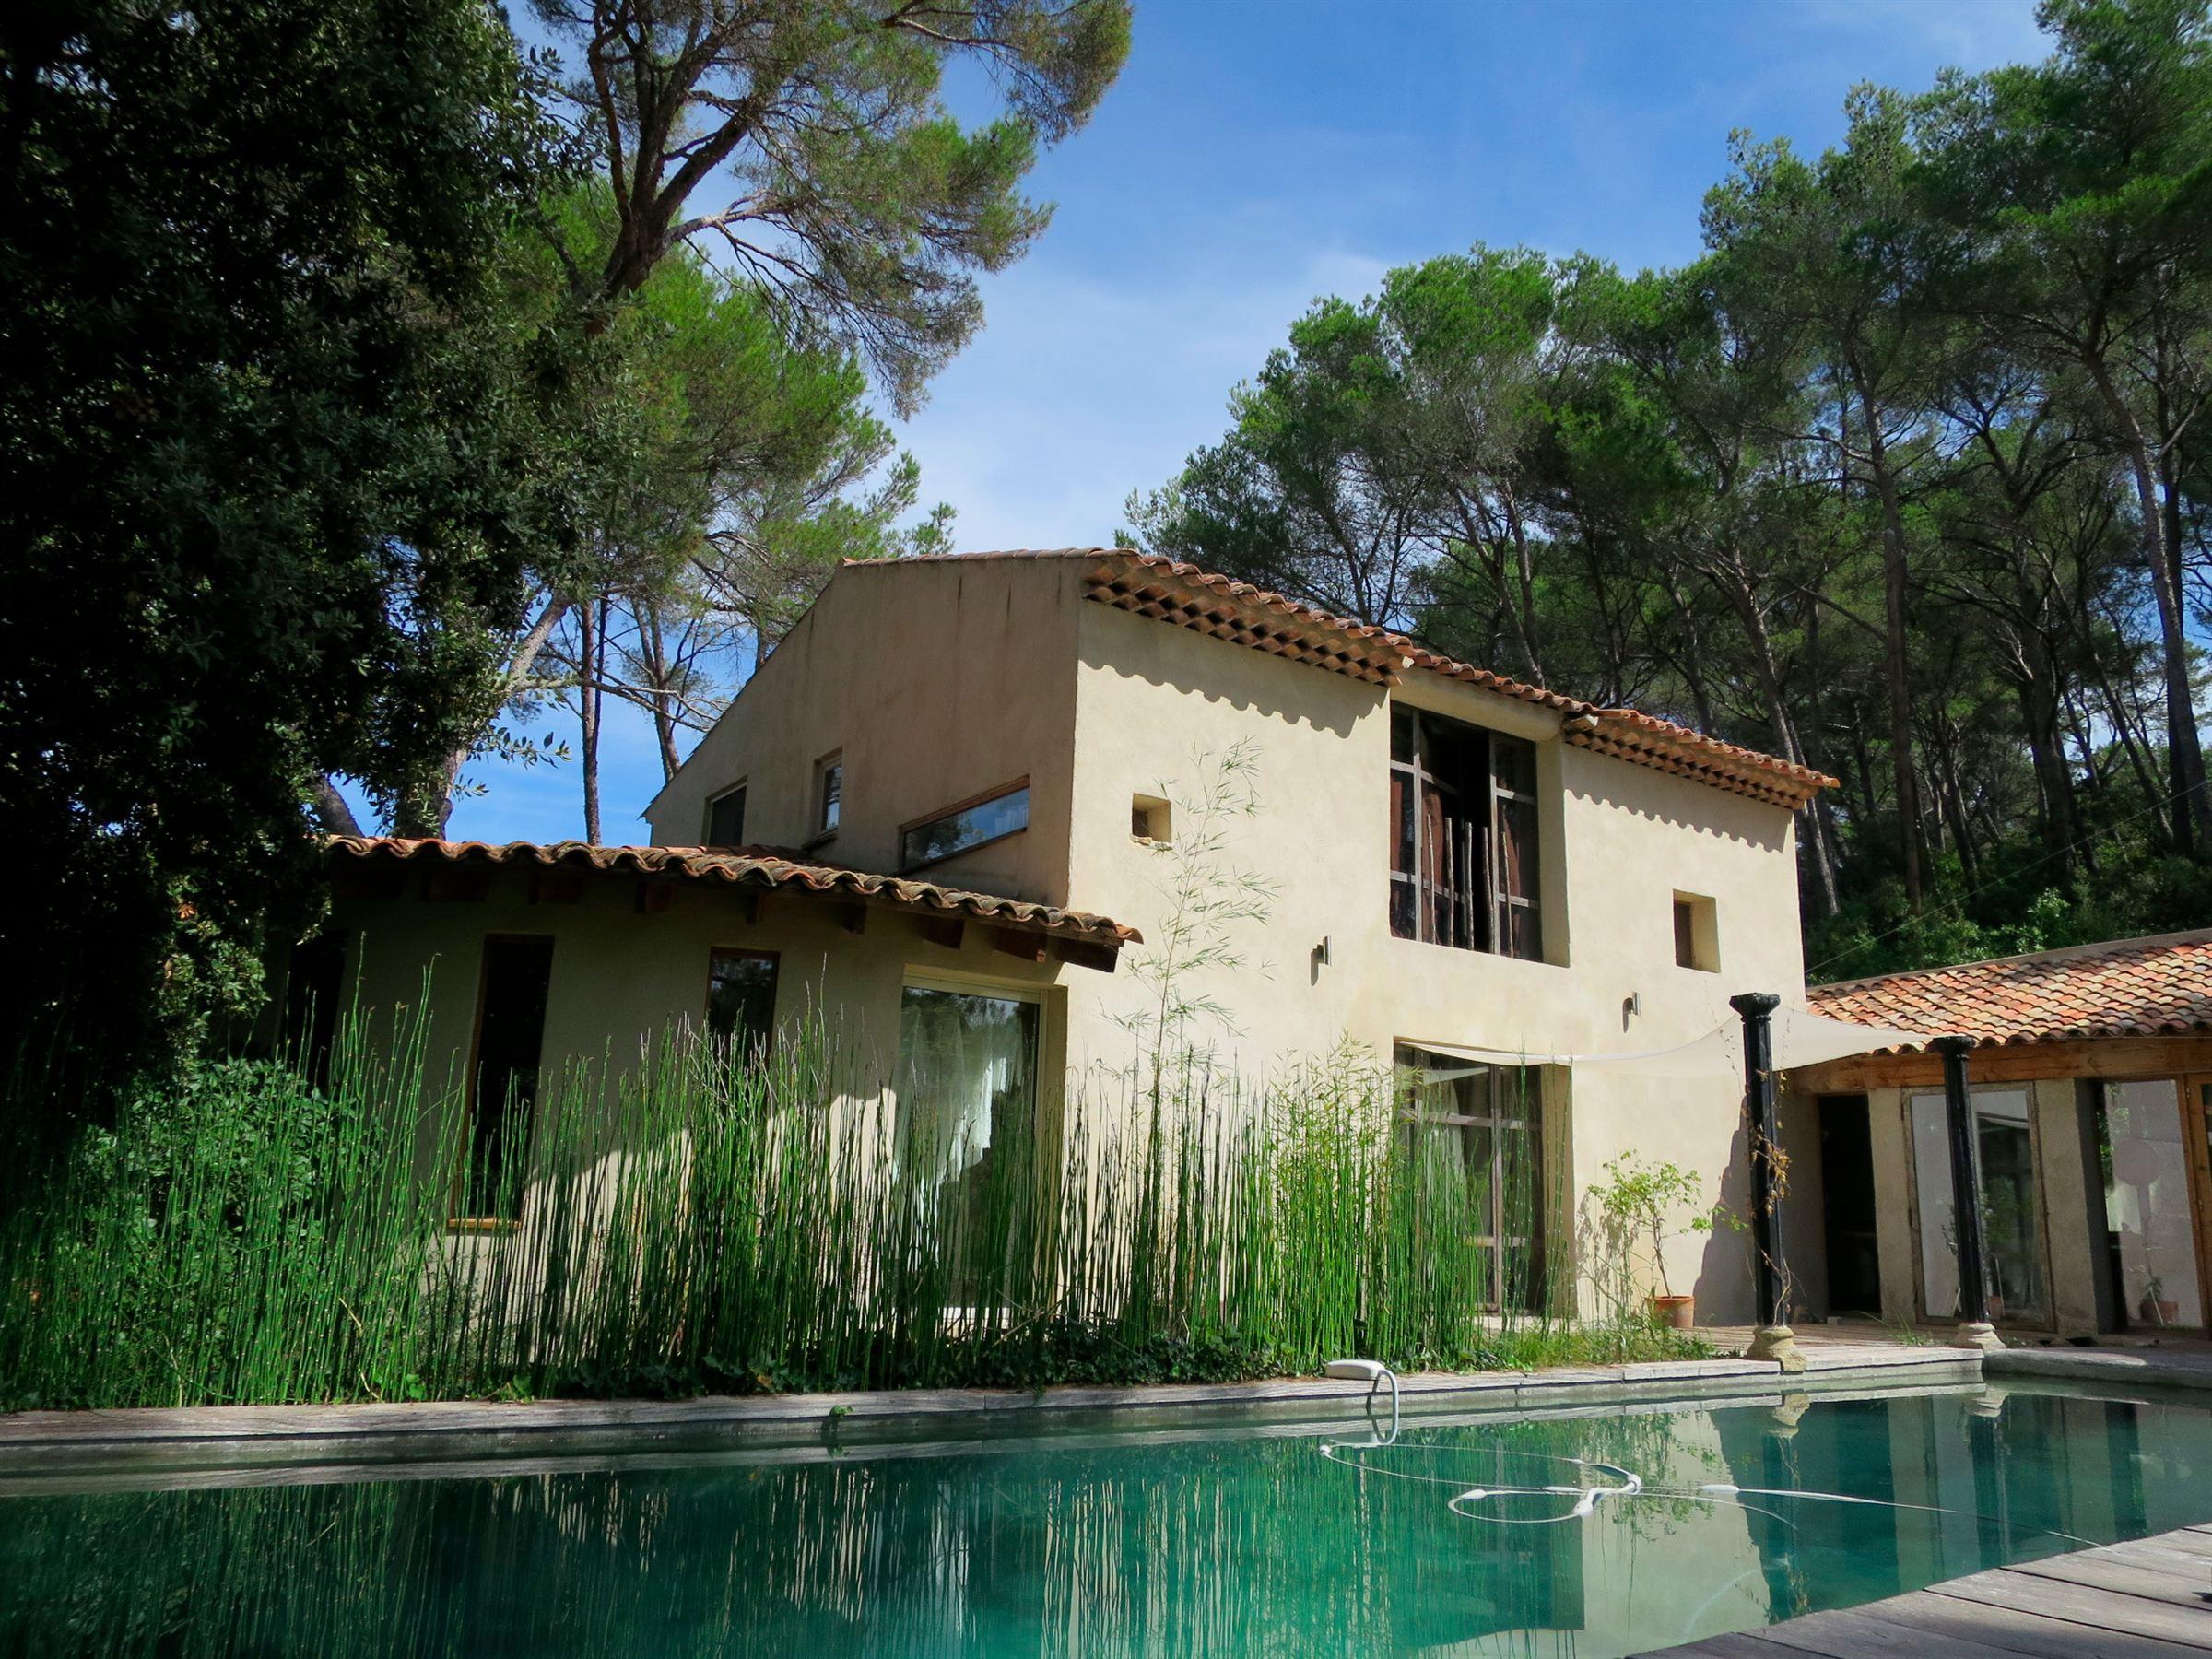 Частный односемейный дом для того Продажа на AIX - LES TROIS SAUTETS Other Provence-Alpes-Cote D'Azur, Прованс-Альпы-Лазурный Берег, 13100 Франция